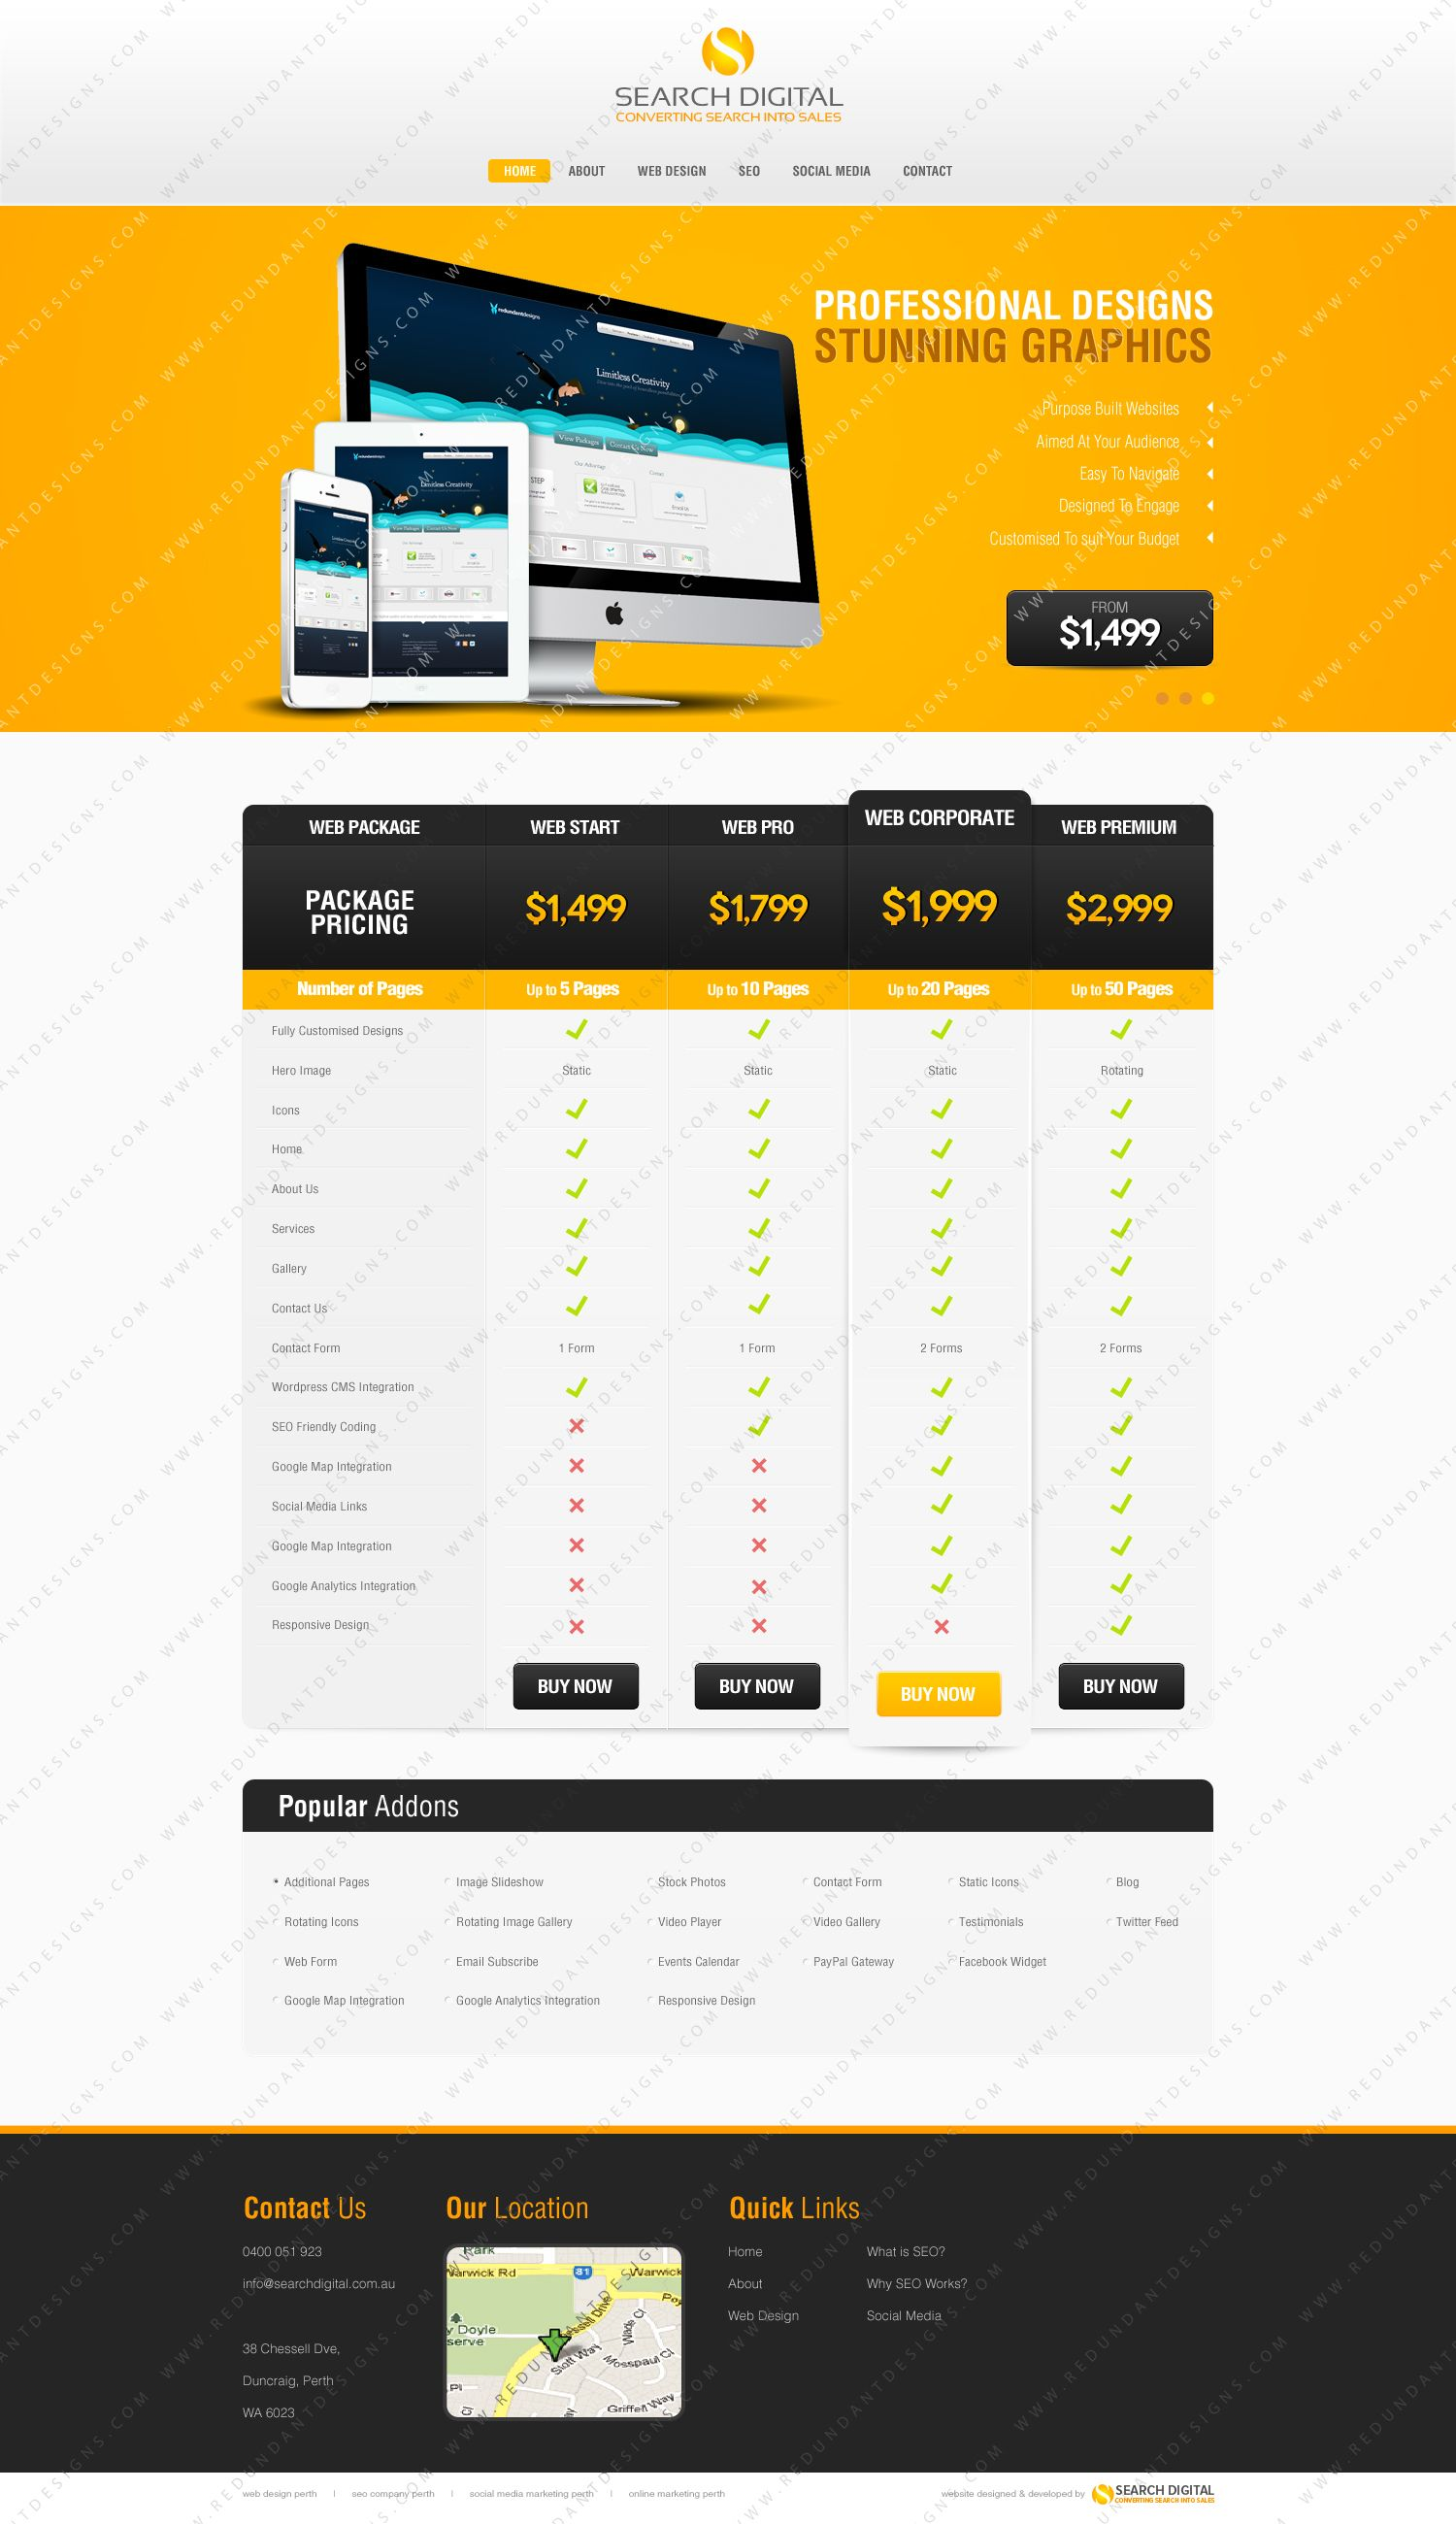 Web Design Packages Www Searchdigital Com Au Web Design Web Design Packages Design